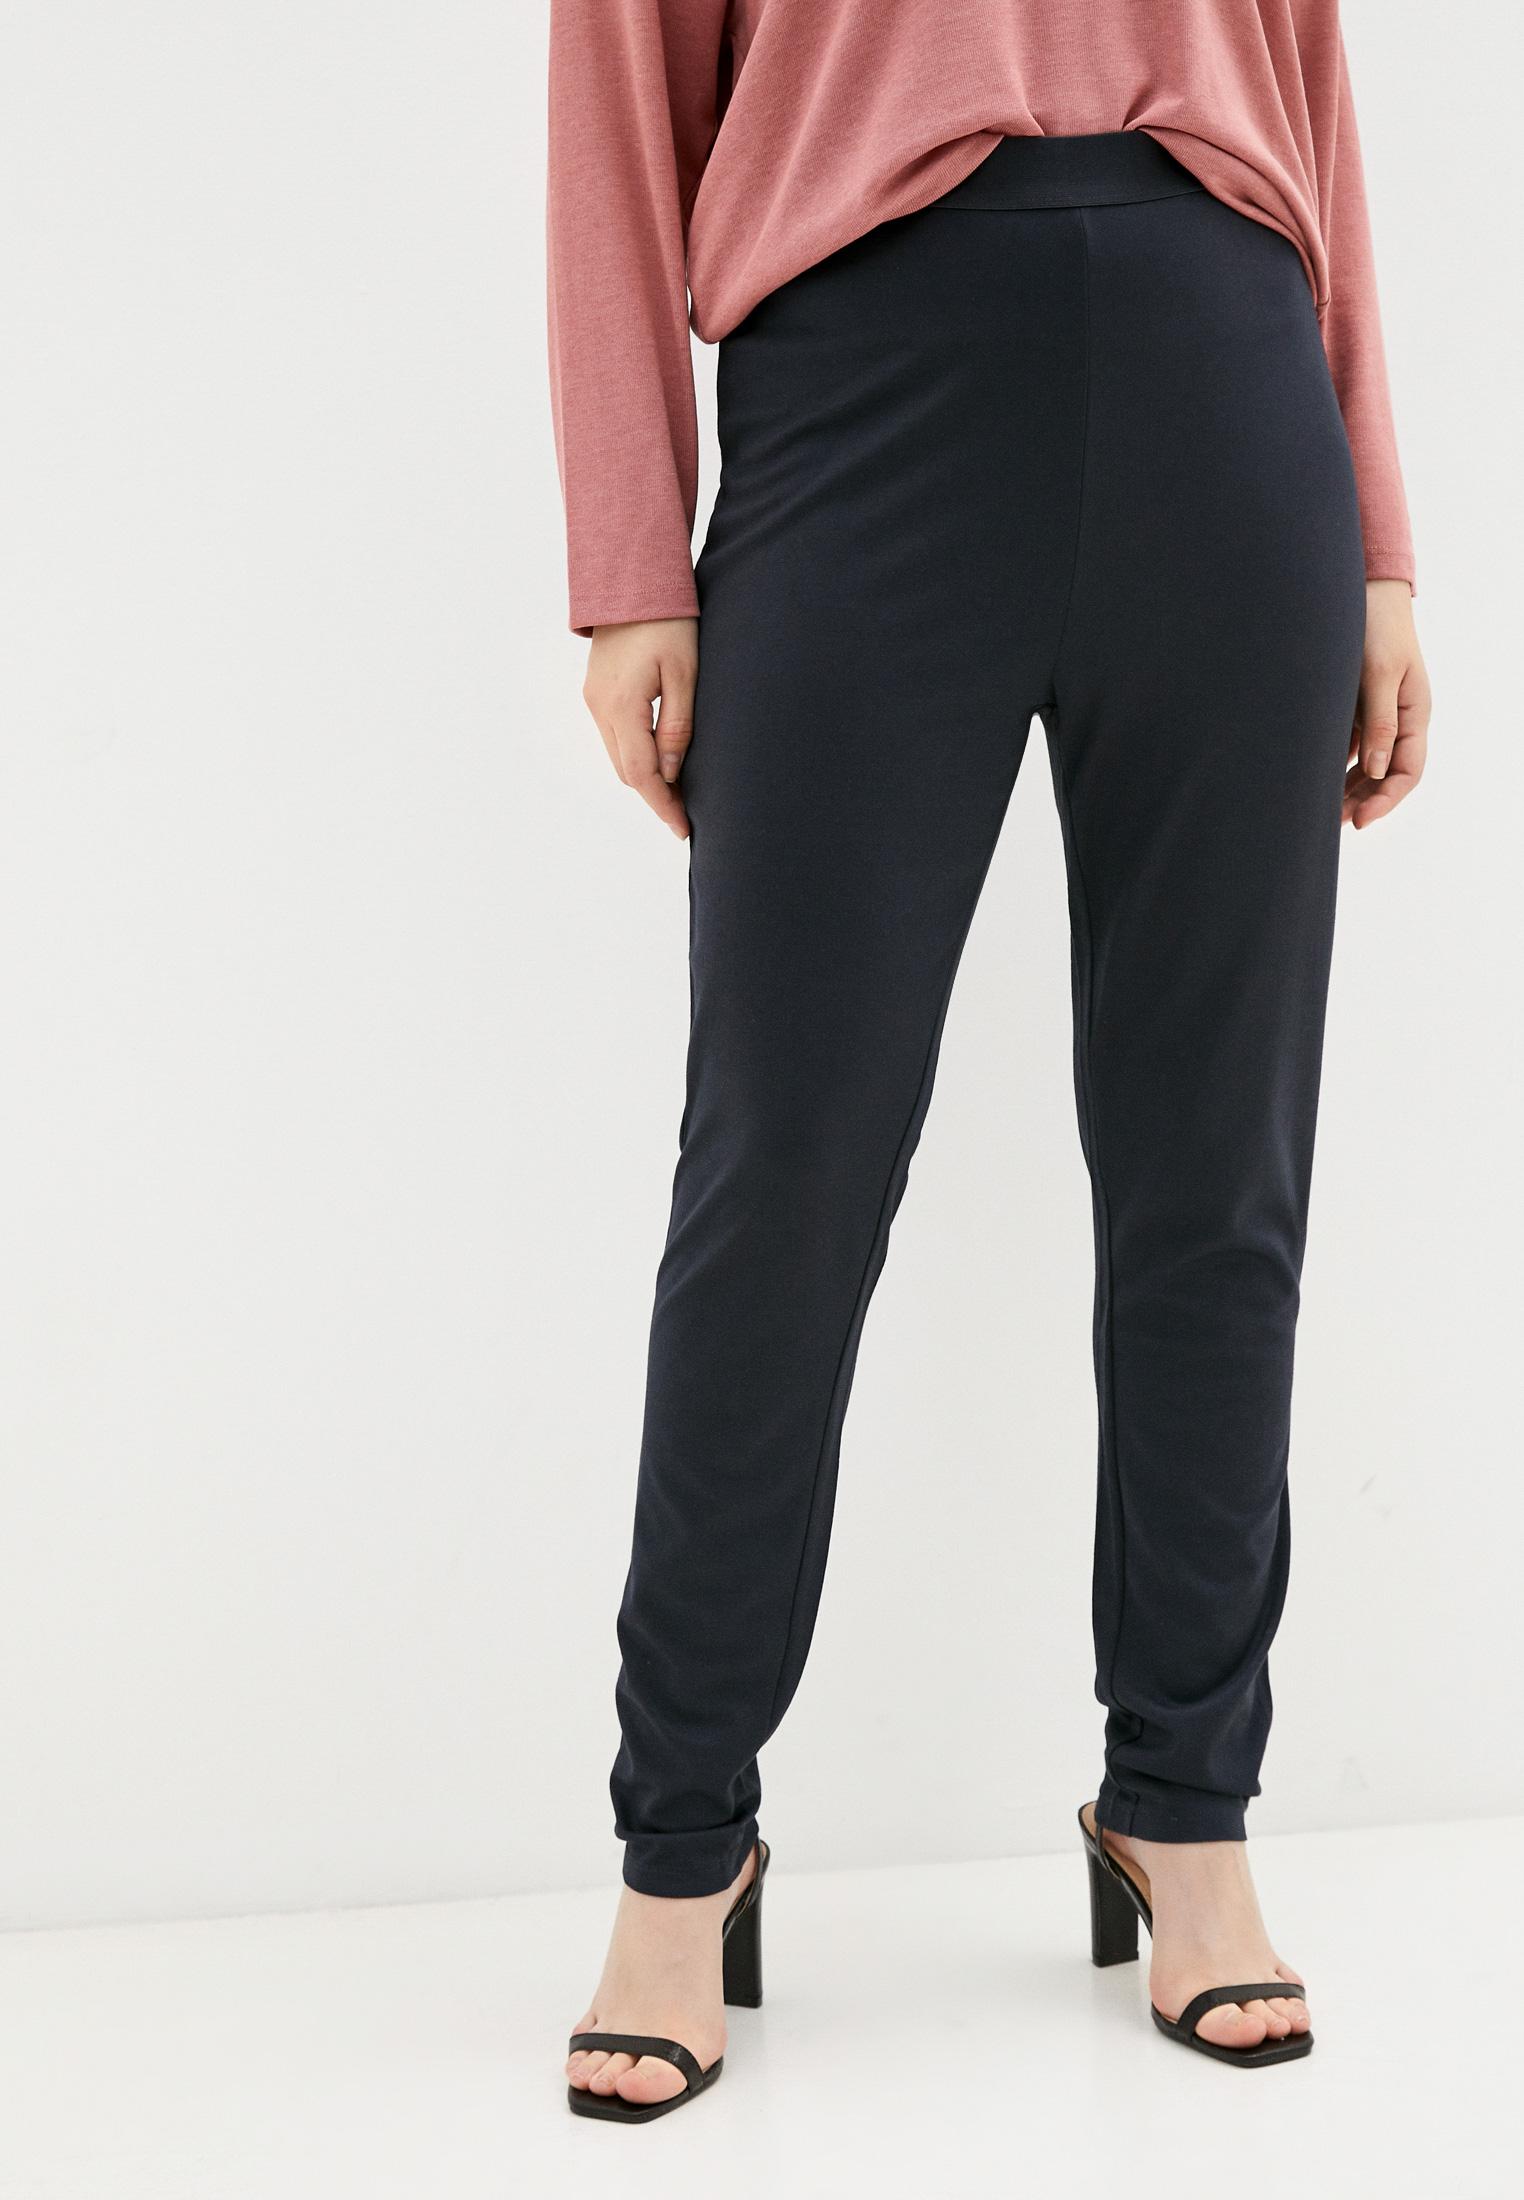 Женские спортивные брюки Rosa Thea (Роса Ти) Брюки спортивные Rosa Thea